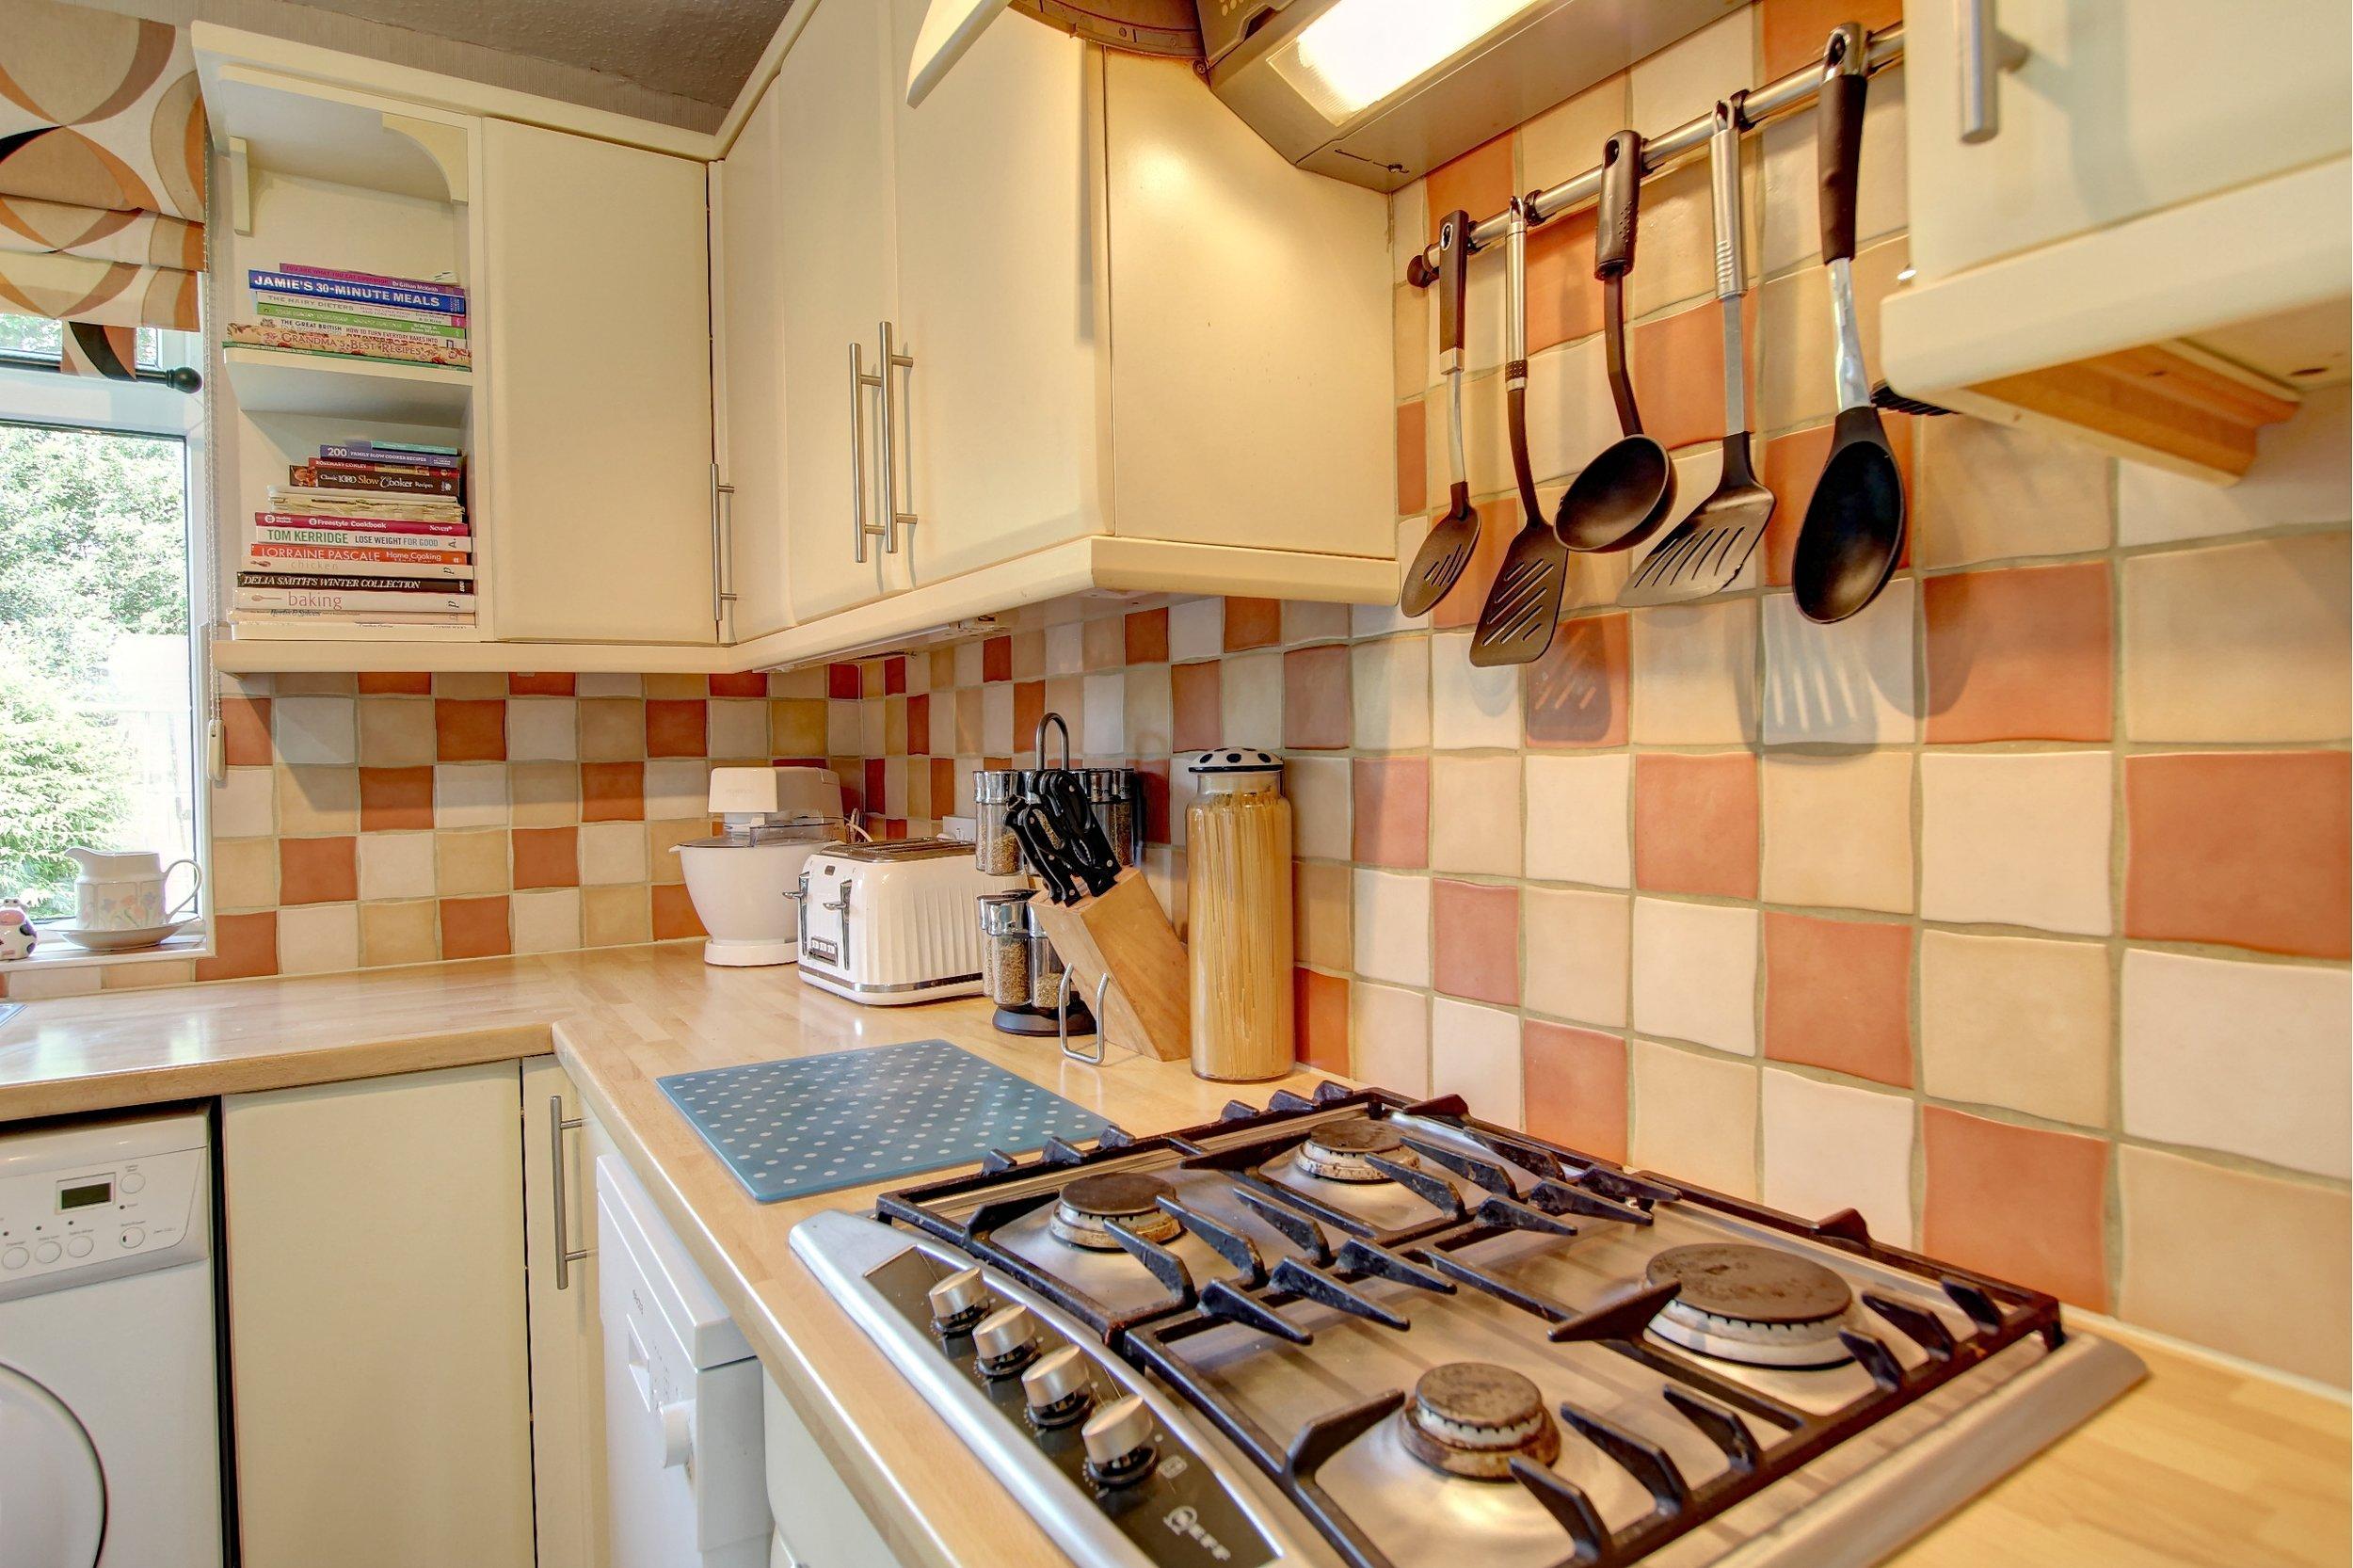 11 kitchen lifestyle.jpg